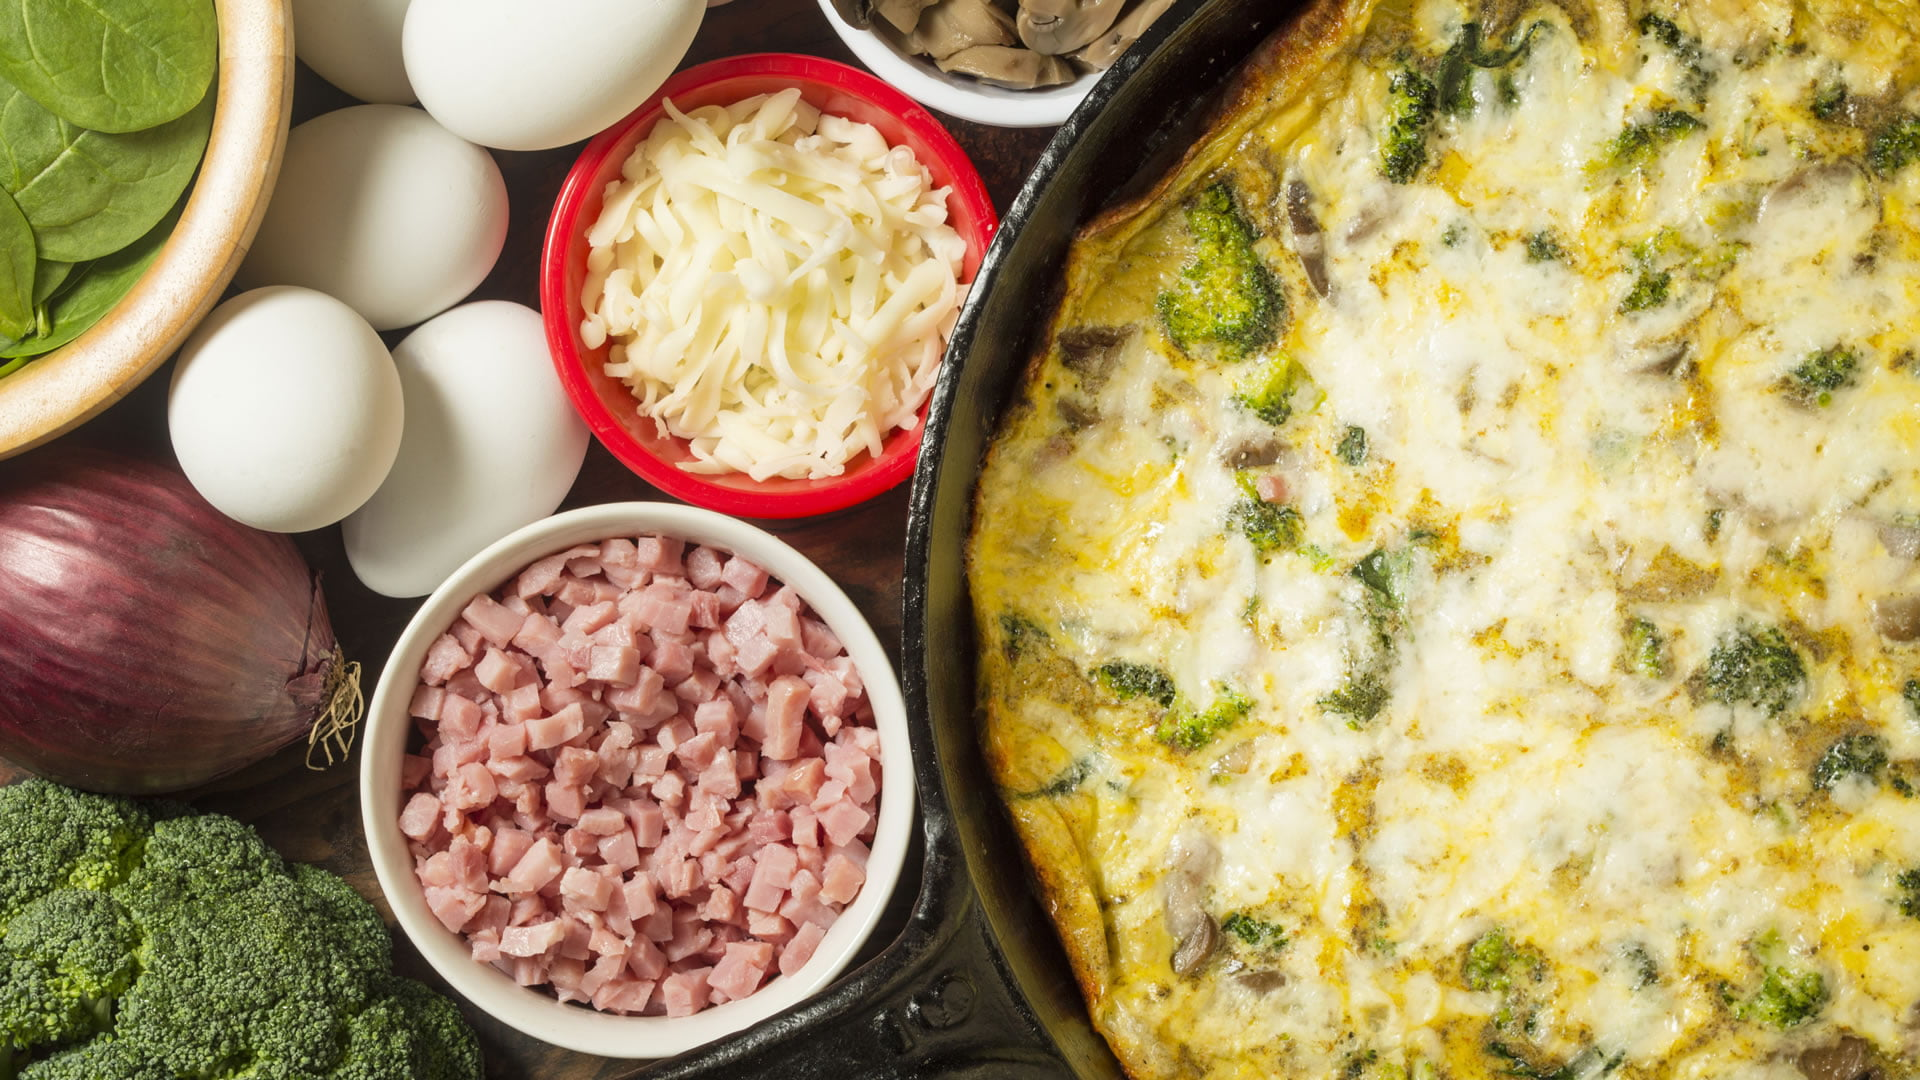 Ingredientes para preparar quiche lorraine for Ingredientes tipicos de francia